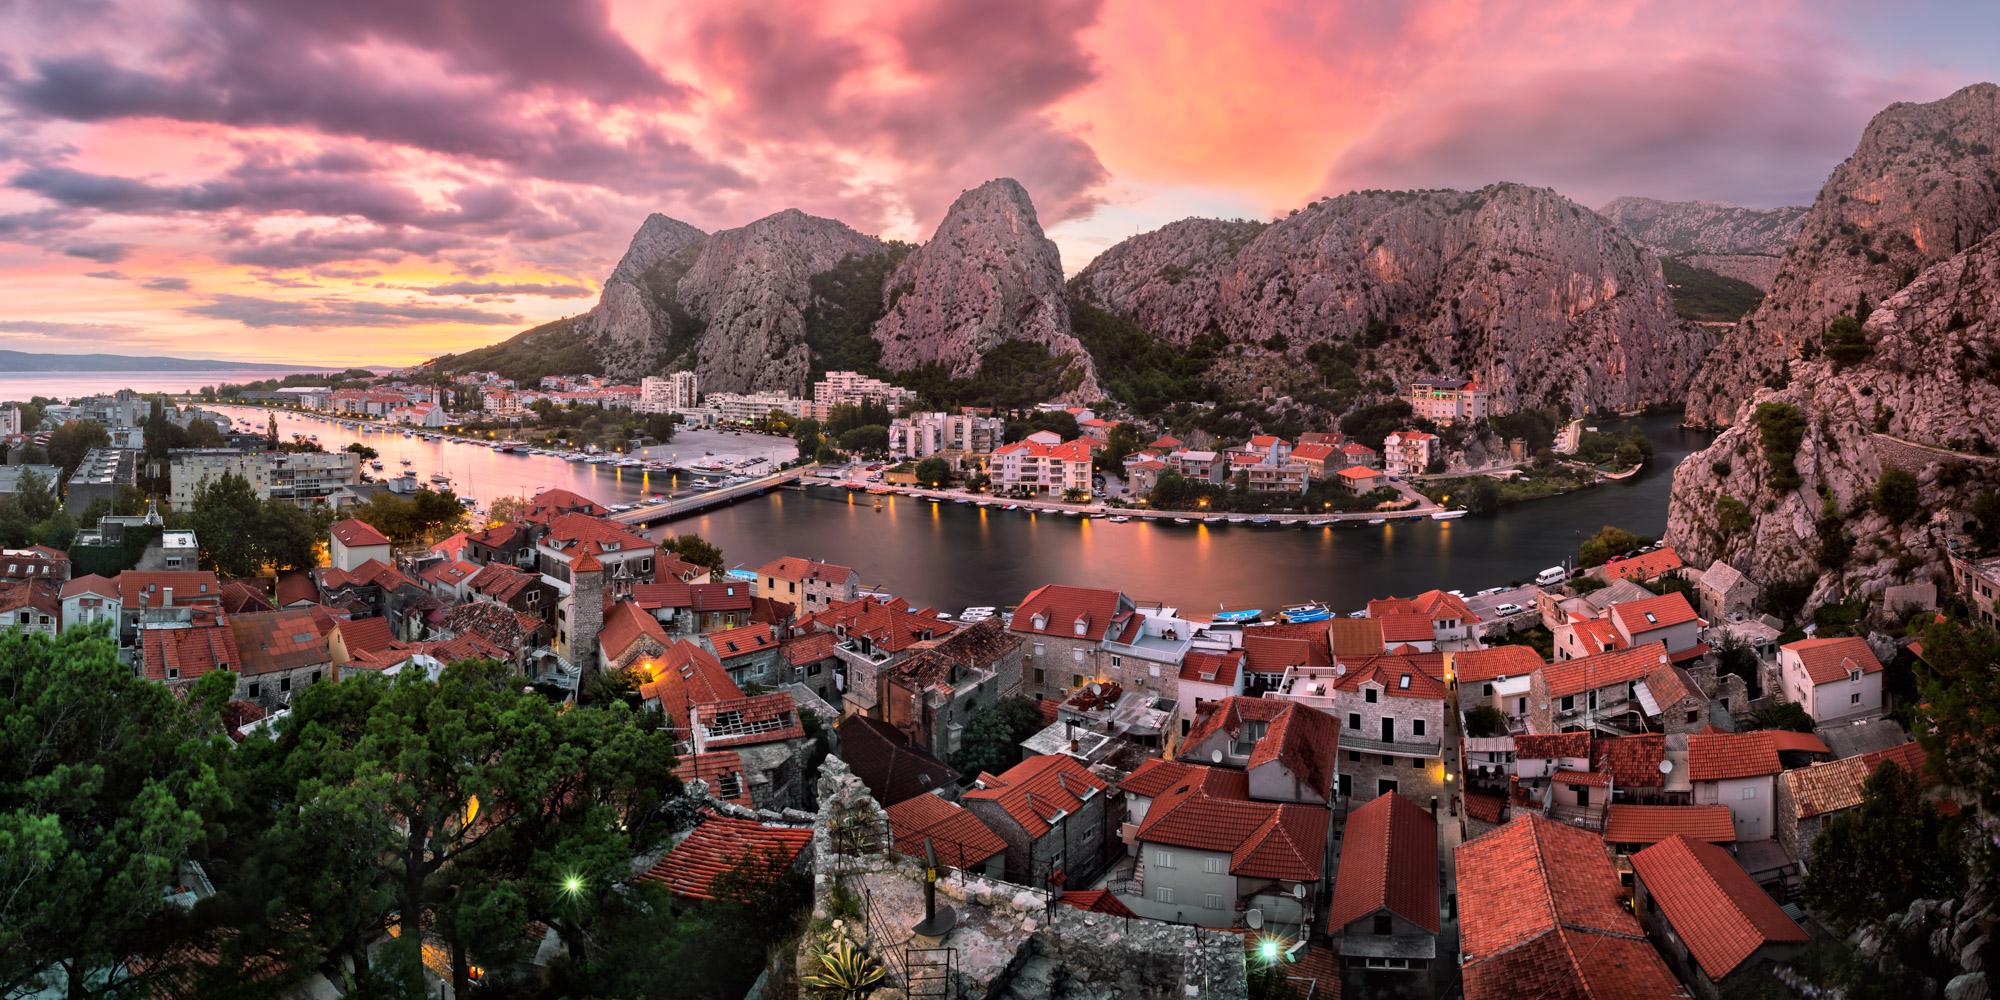 Omis and Cetina River, Dalmatia, Croatia